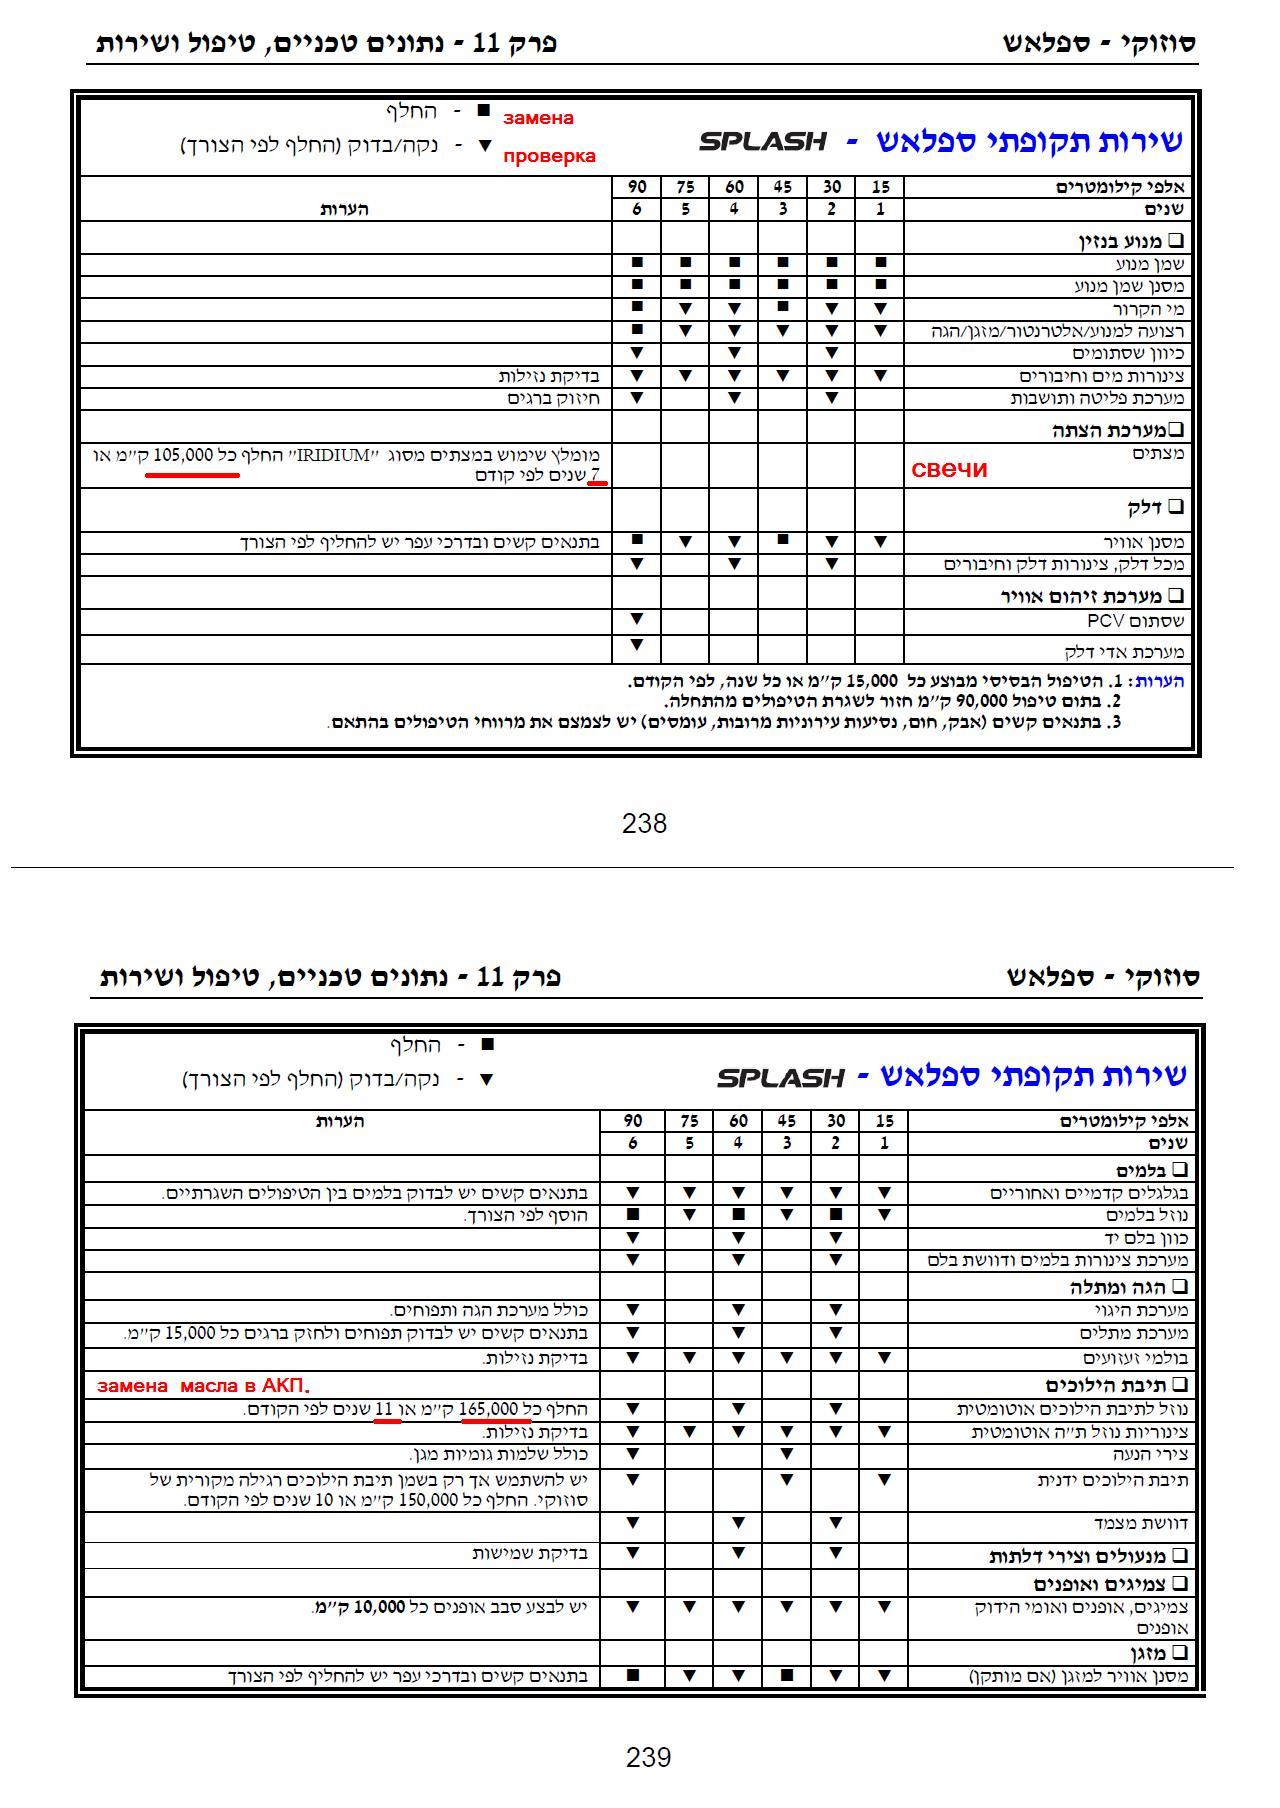 Suzuki-tipul.JPG